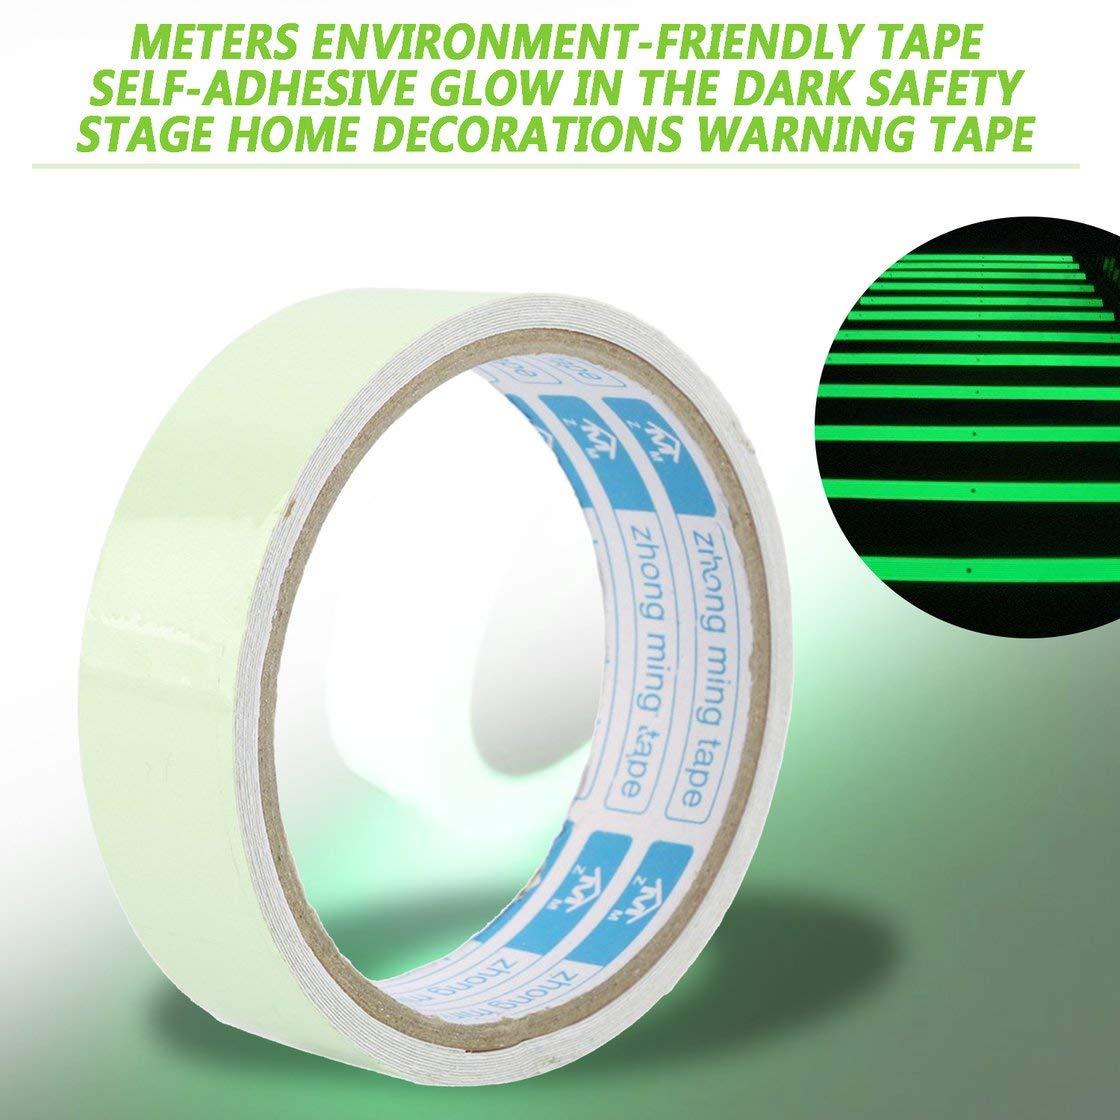 Jessicadaphne Adhesivo de cinta luminosa para suministros de fiesta de luz negra cinta autoadhesiva que respeta el medio ambiente en la oscuridad decoraciones para el hogar